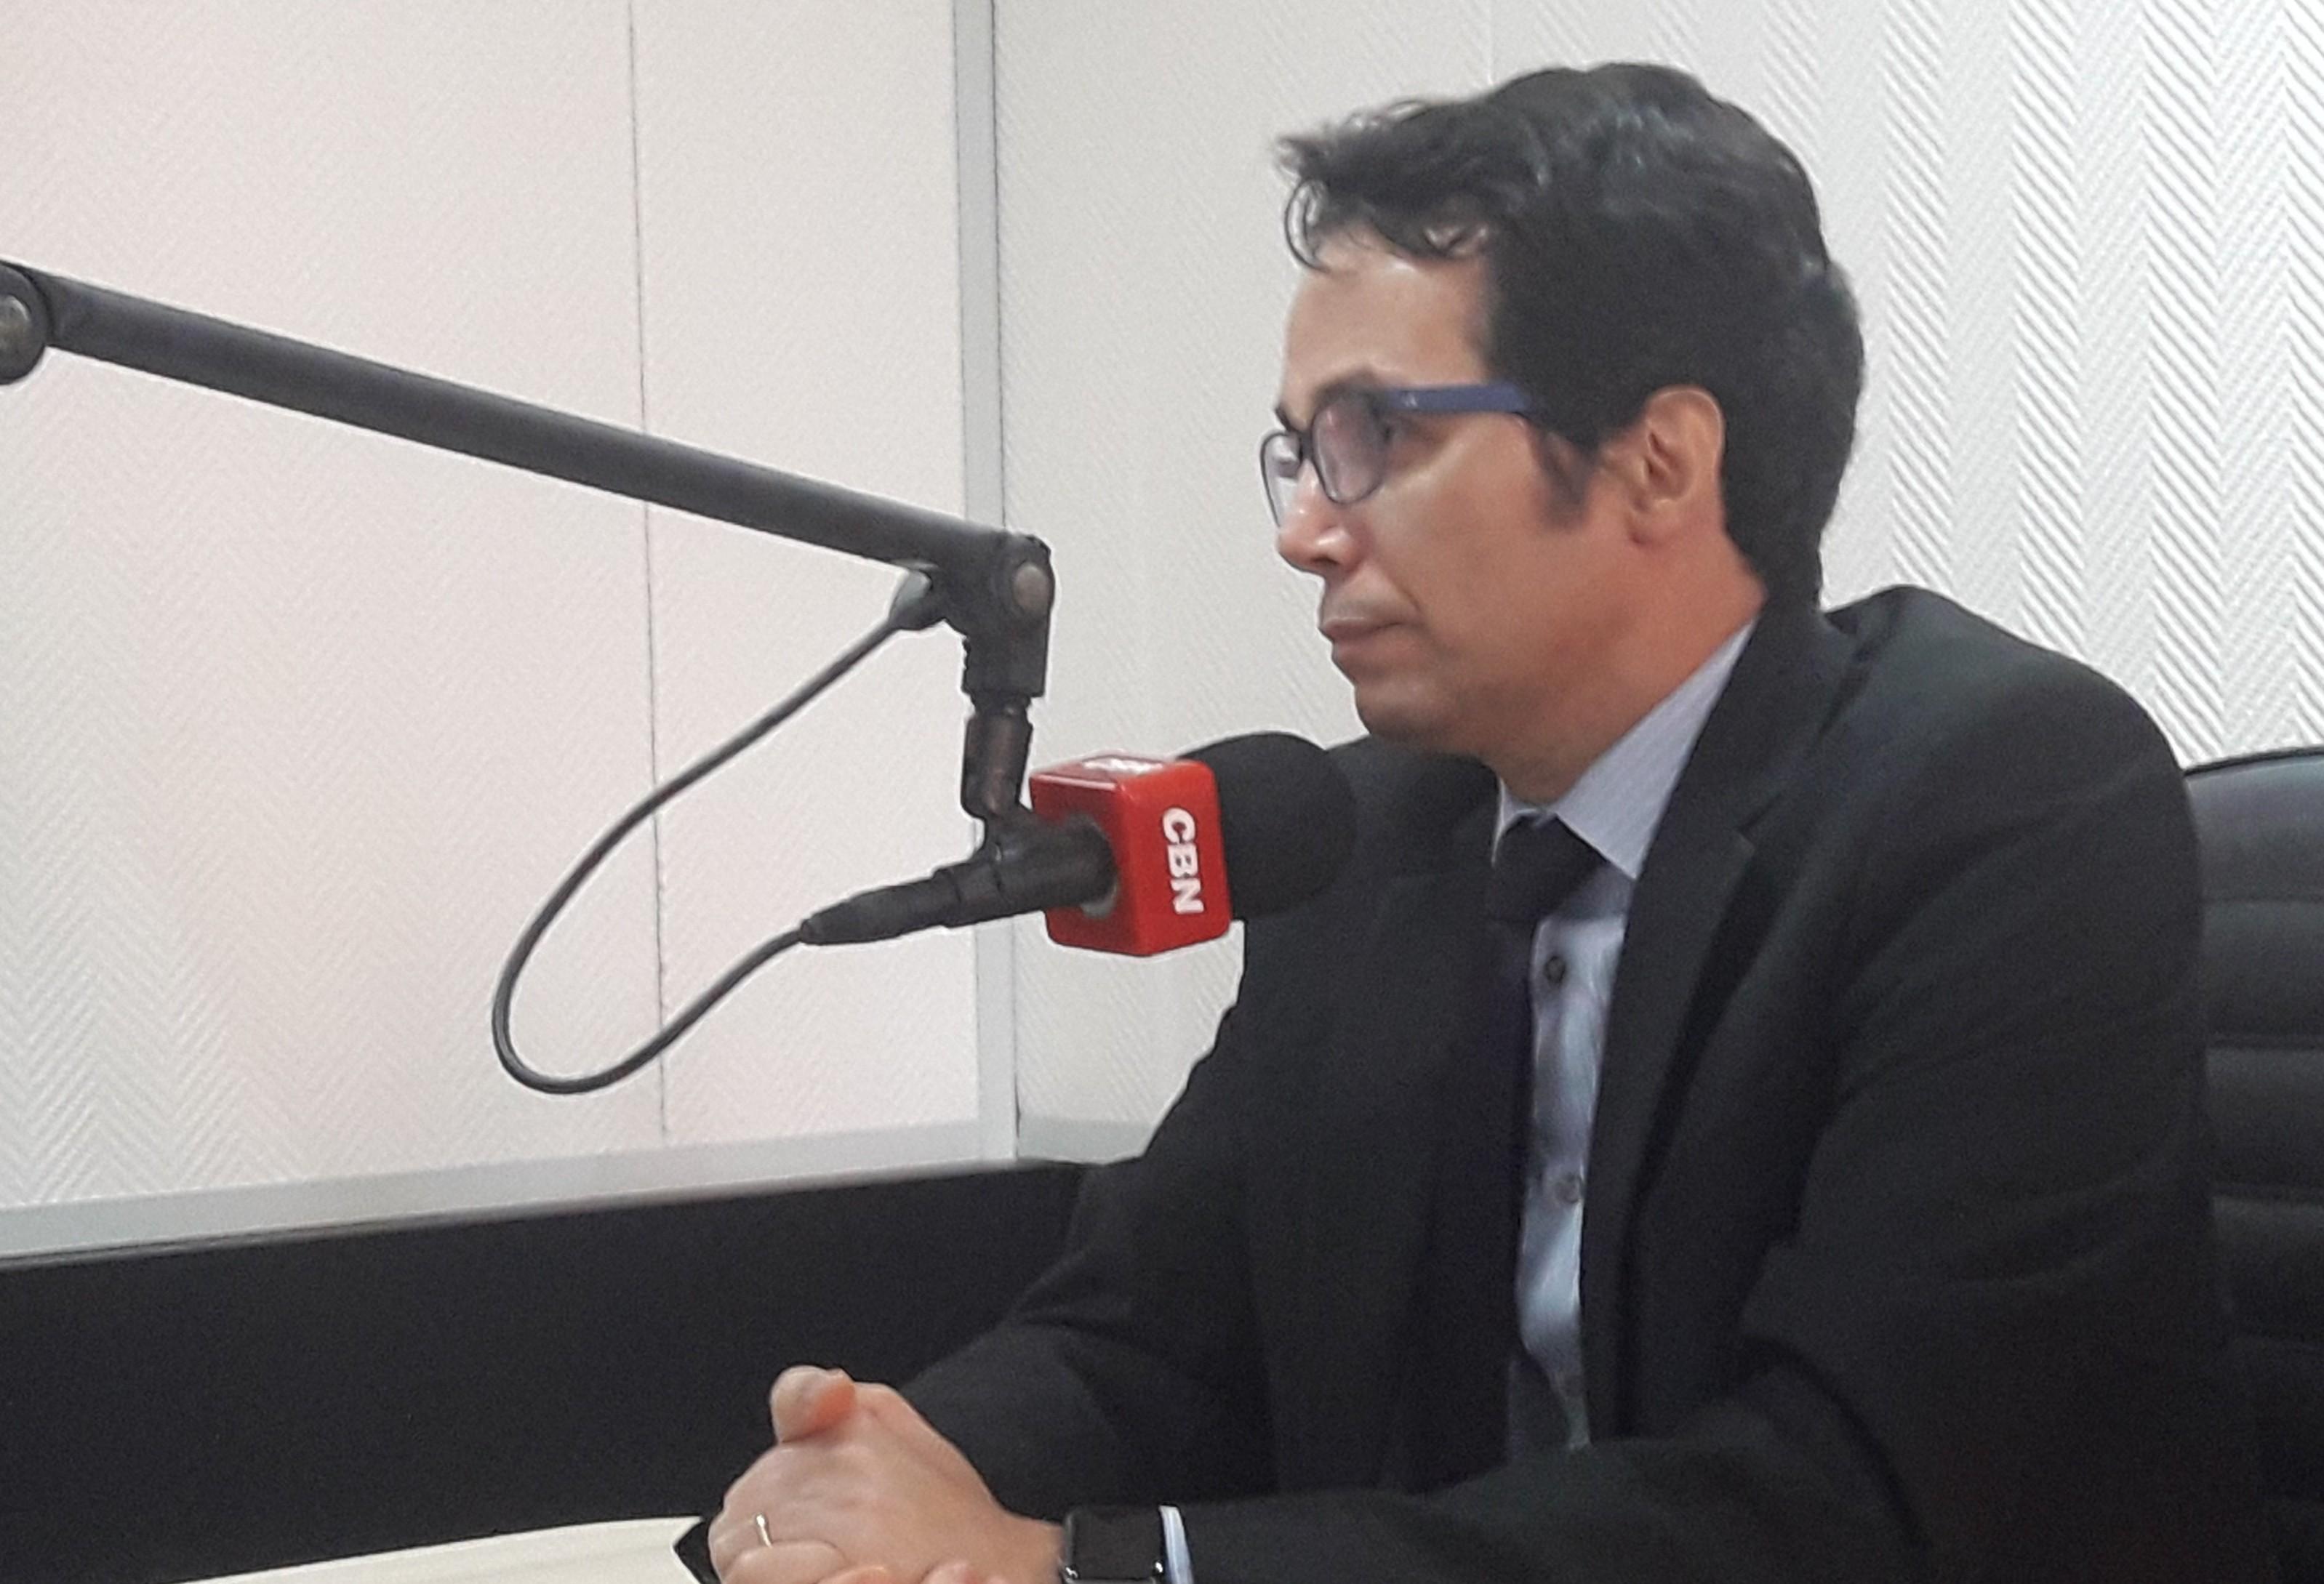 Brasil tem metade dos advogados do mundo porque tudo vai parar no Judiciário